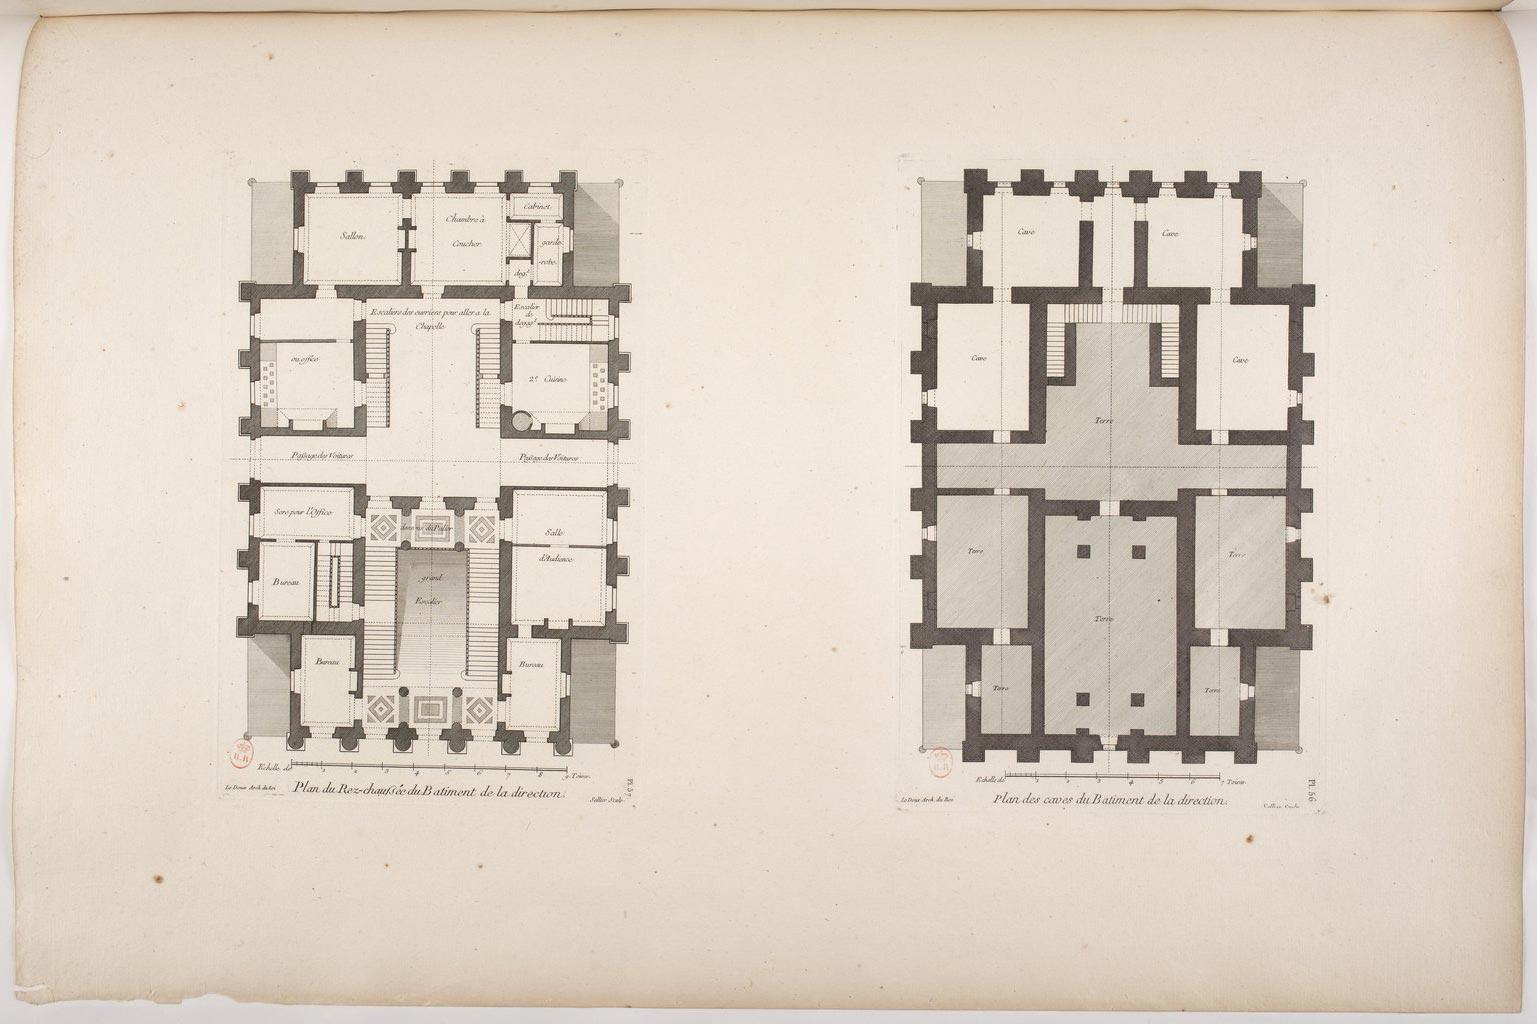 ledoux-claude-architecture-355